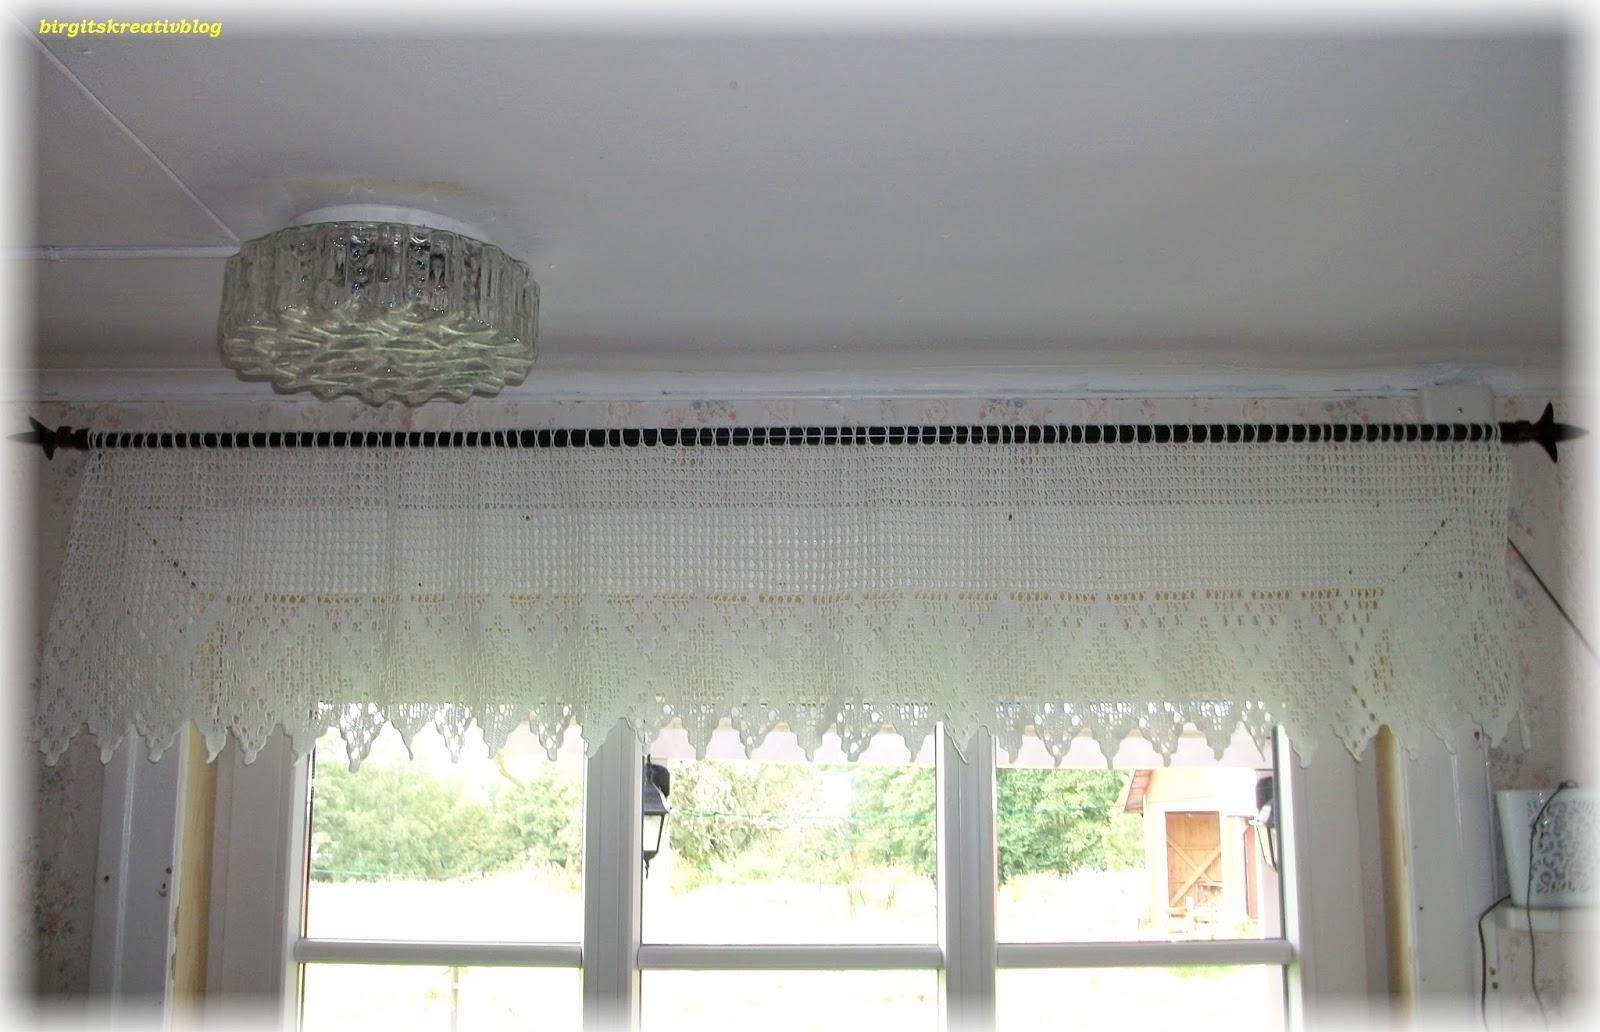 birgits kreativblog verl ngerung meiner k chengardine. Black Bedroom Furniture Sets. Home Design Ideas